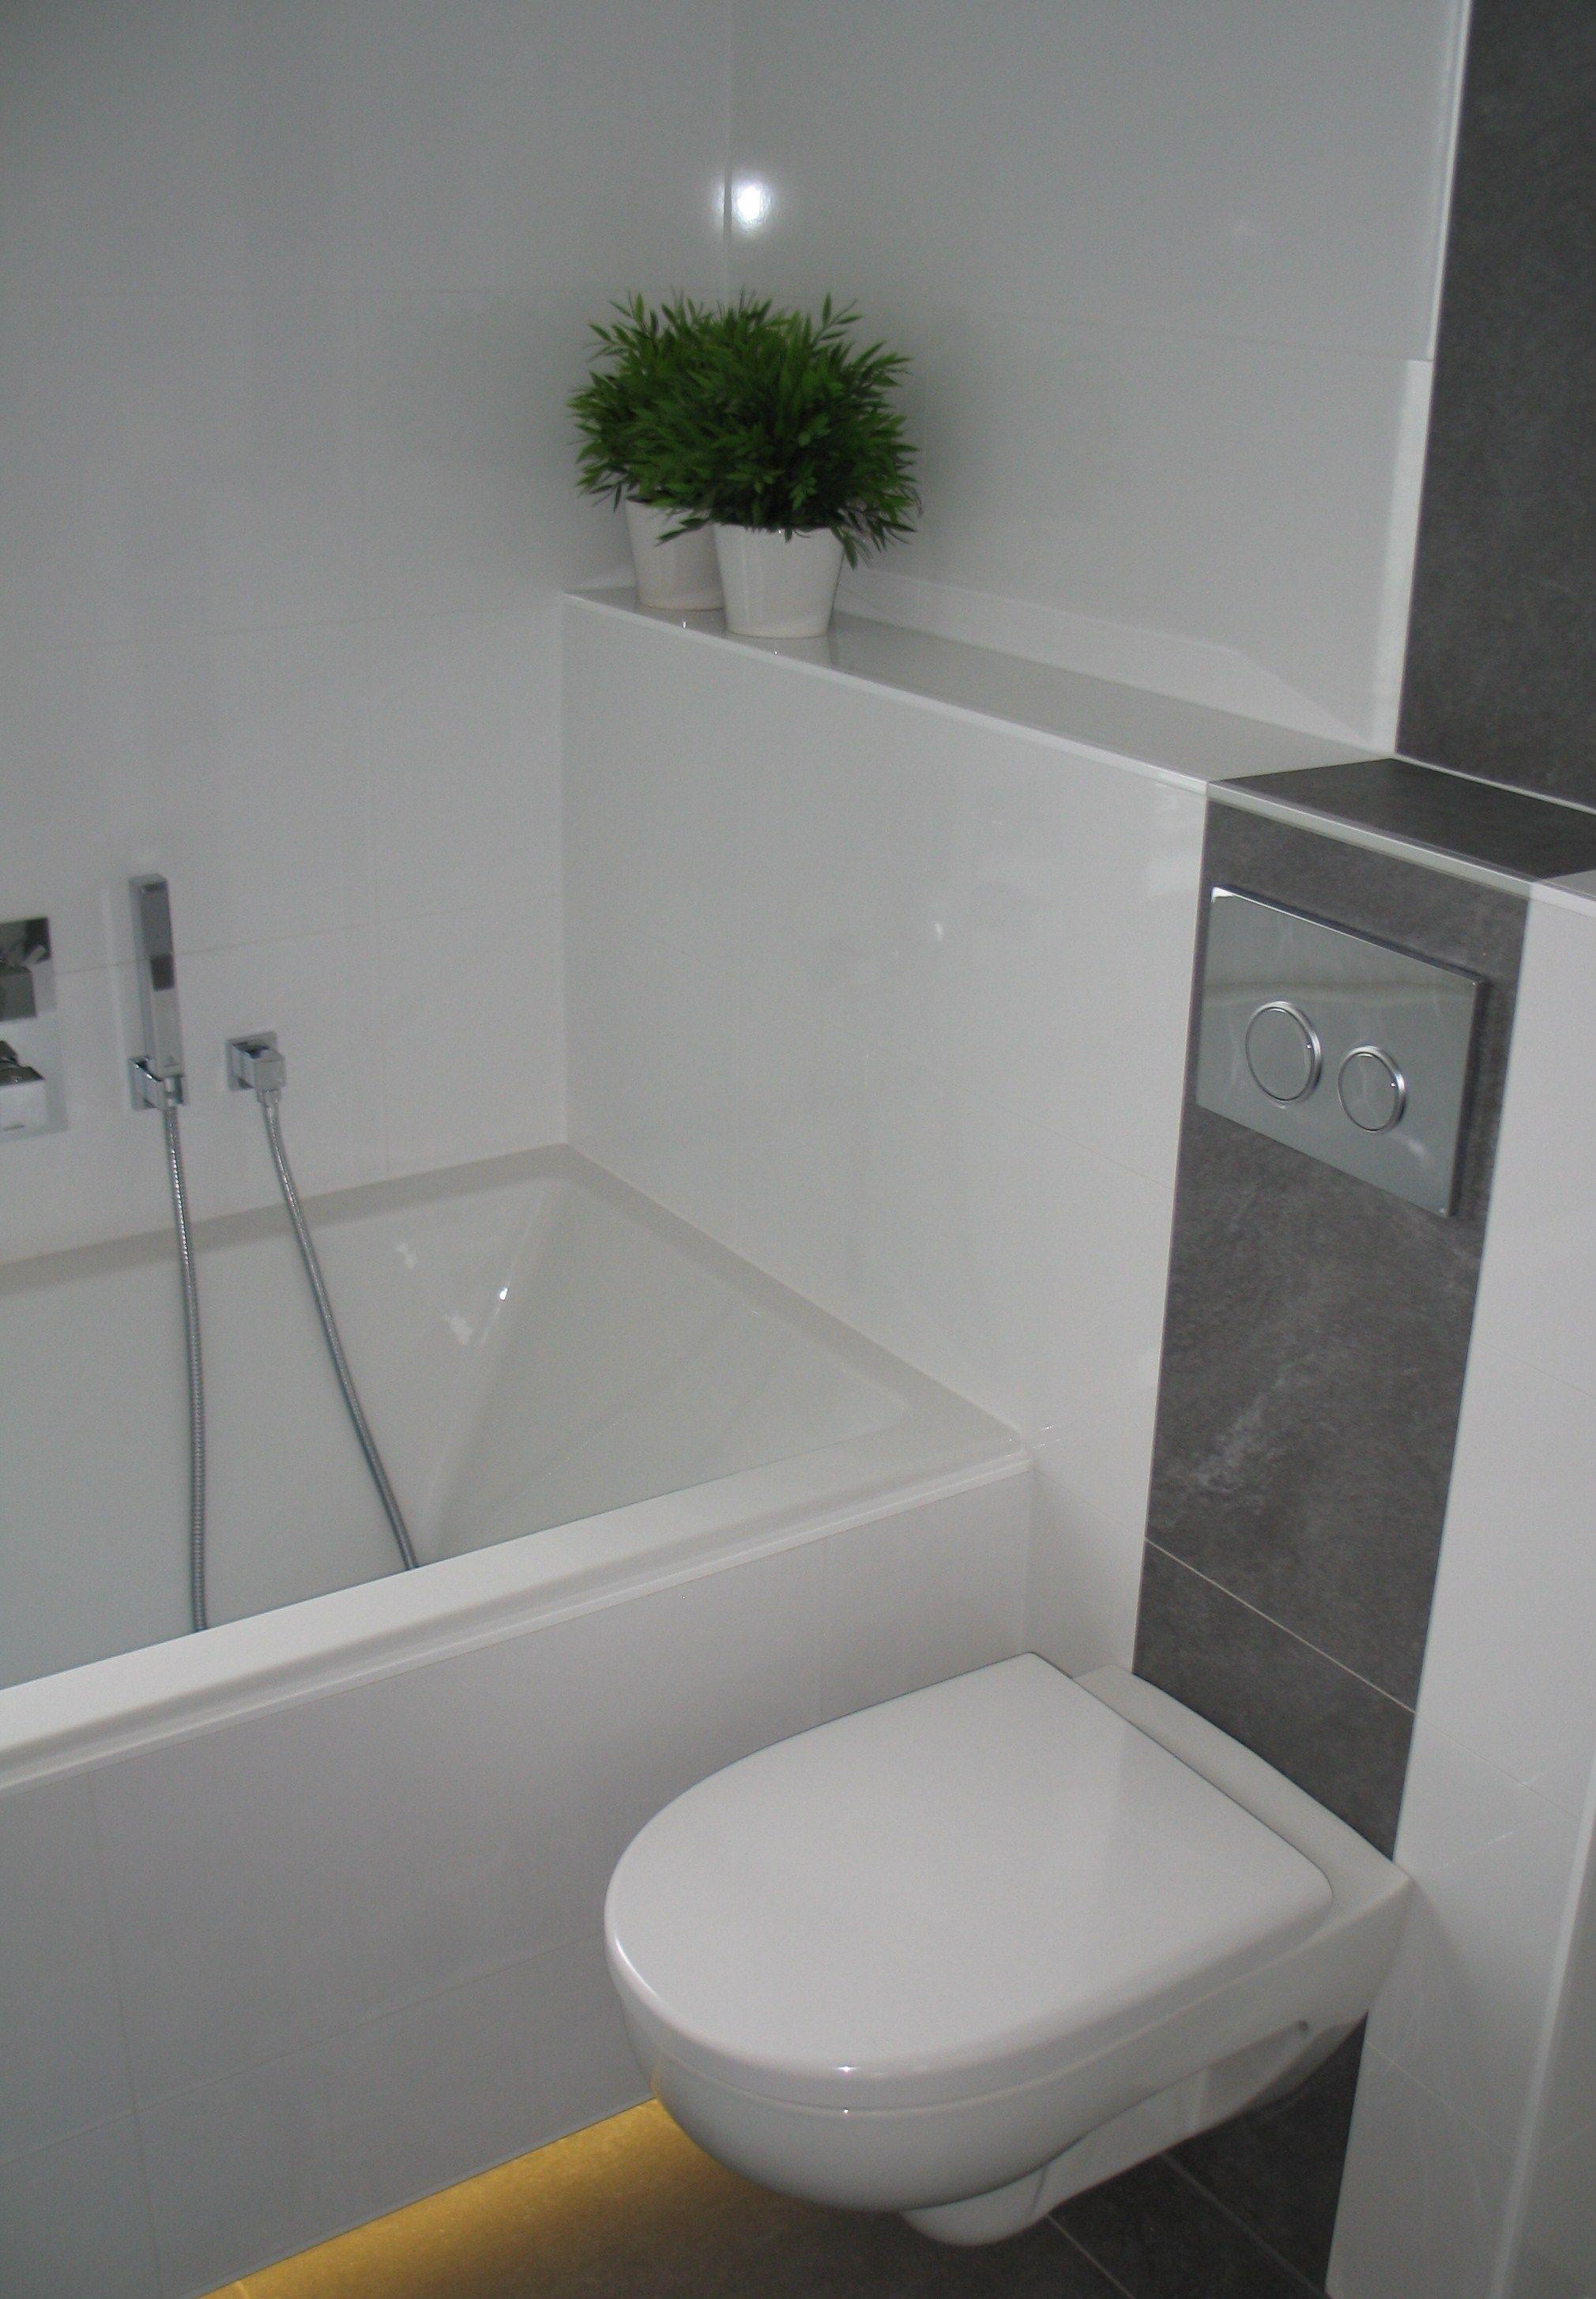 witte badkamer met bruine banen in de tegelwanden en verlichting onder het bad de bruine banen zijn van dezelfde tegels als op de vloer